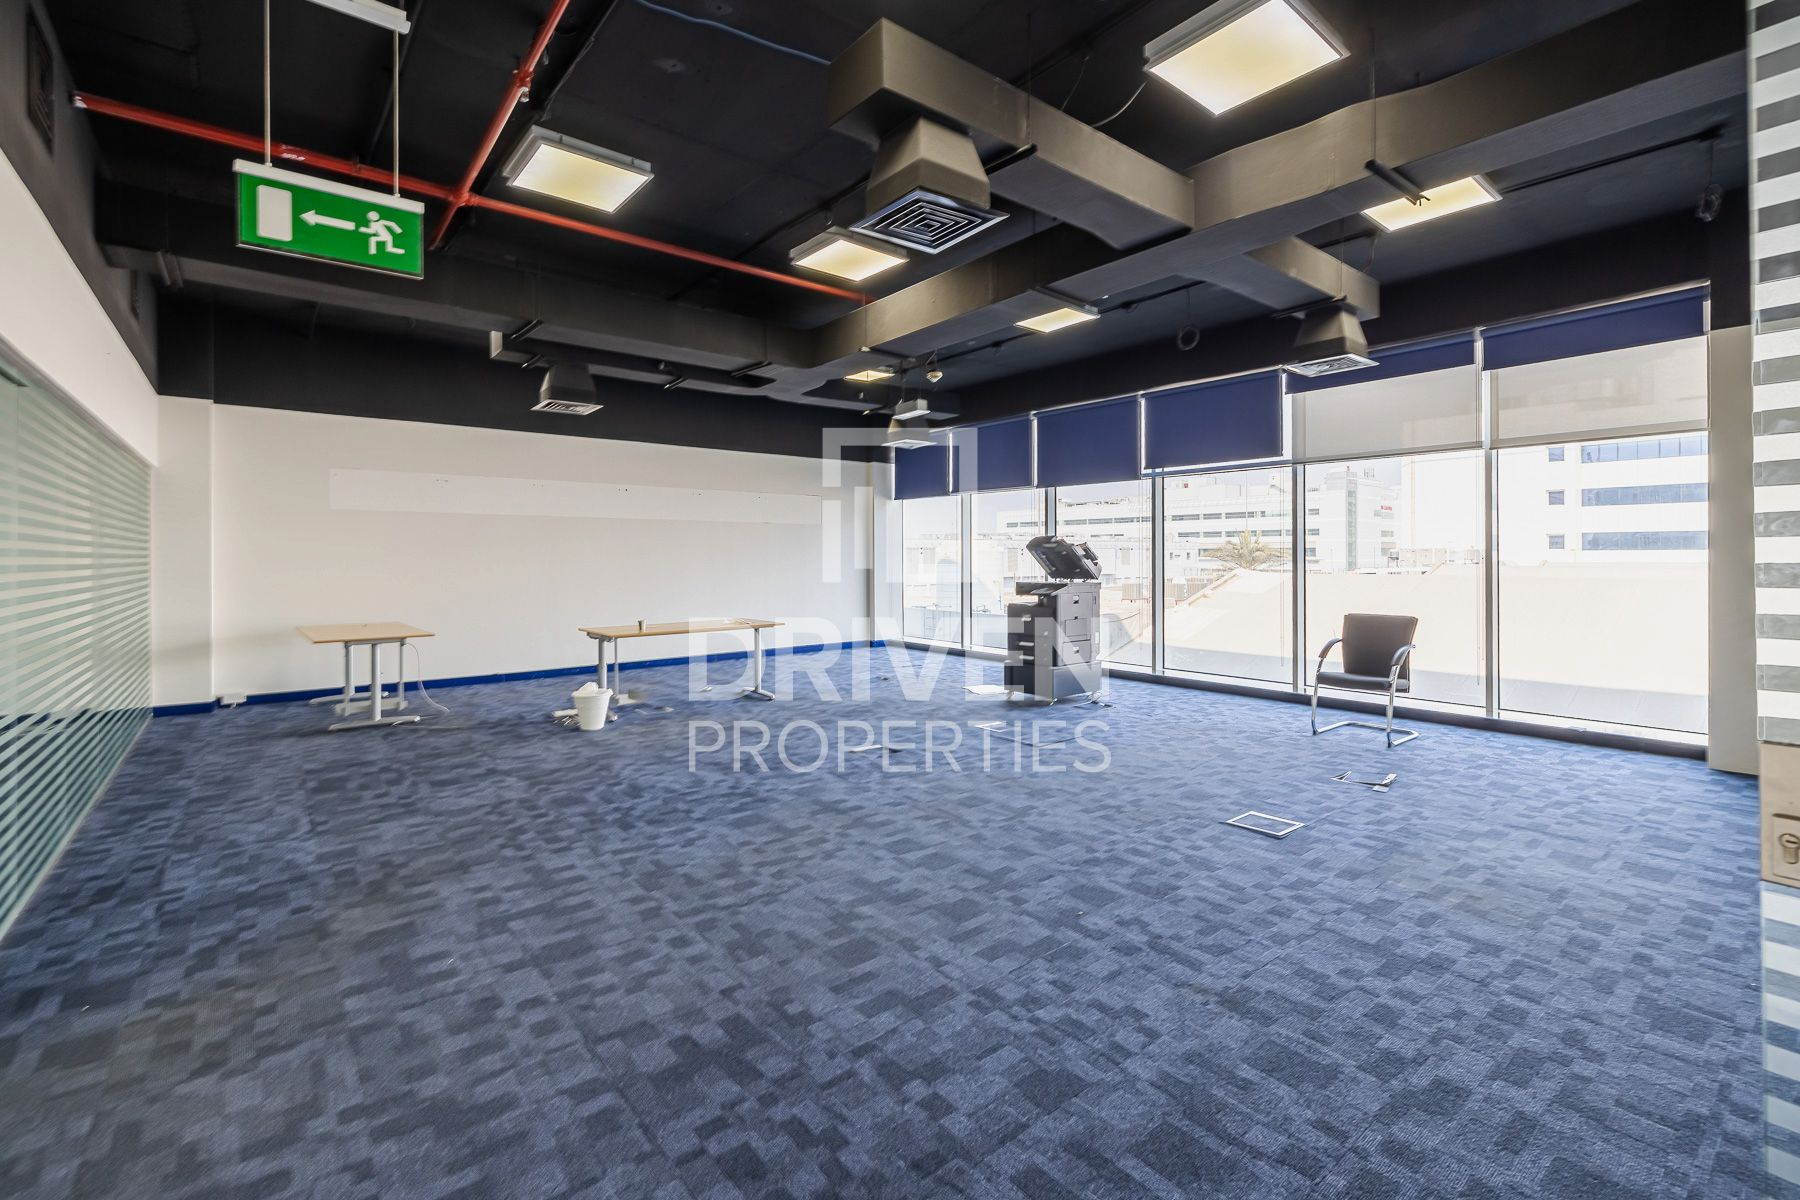 2,181 قدم مربع  مكتب - للايجار - منطقة القرهود